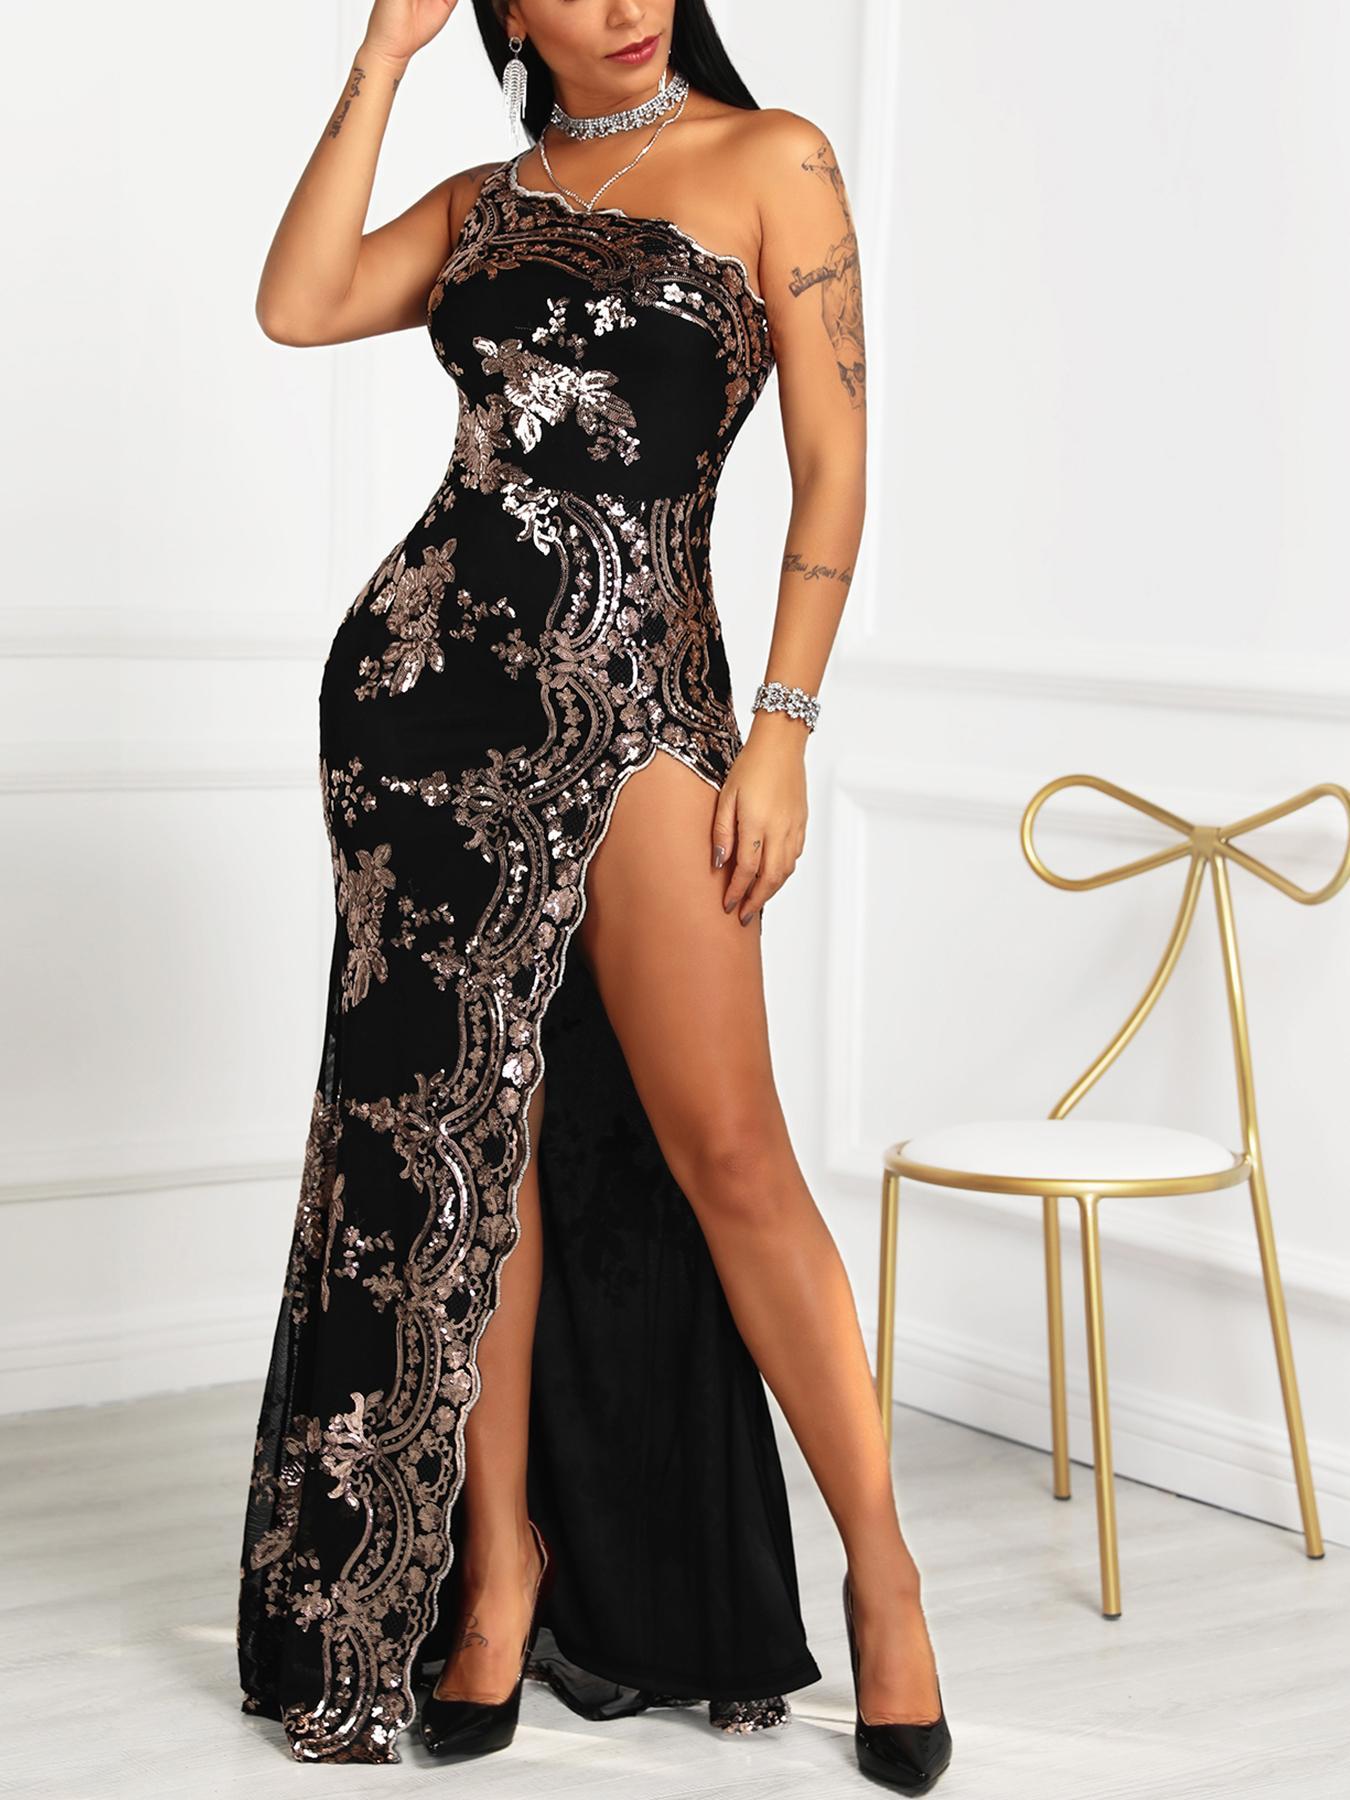 ivrose / One Shoulder High Slit Sequin Party Dress